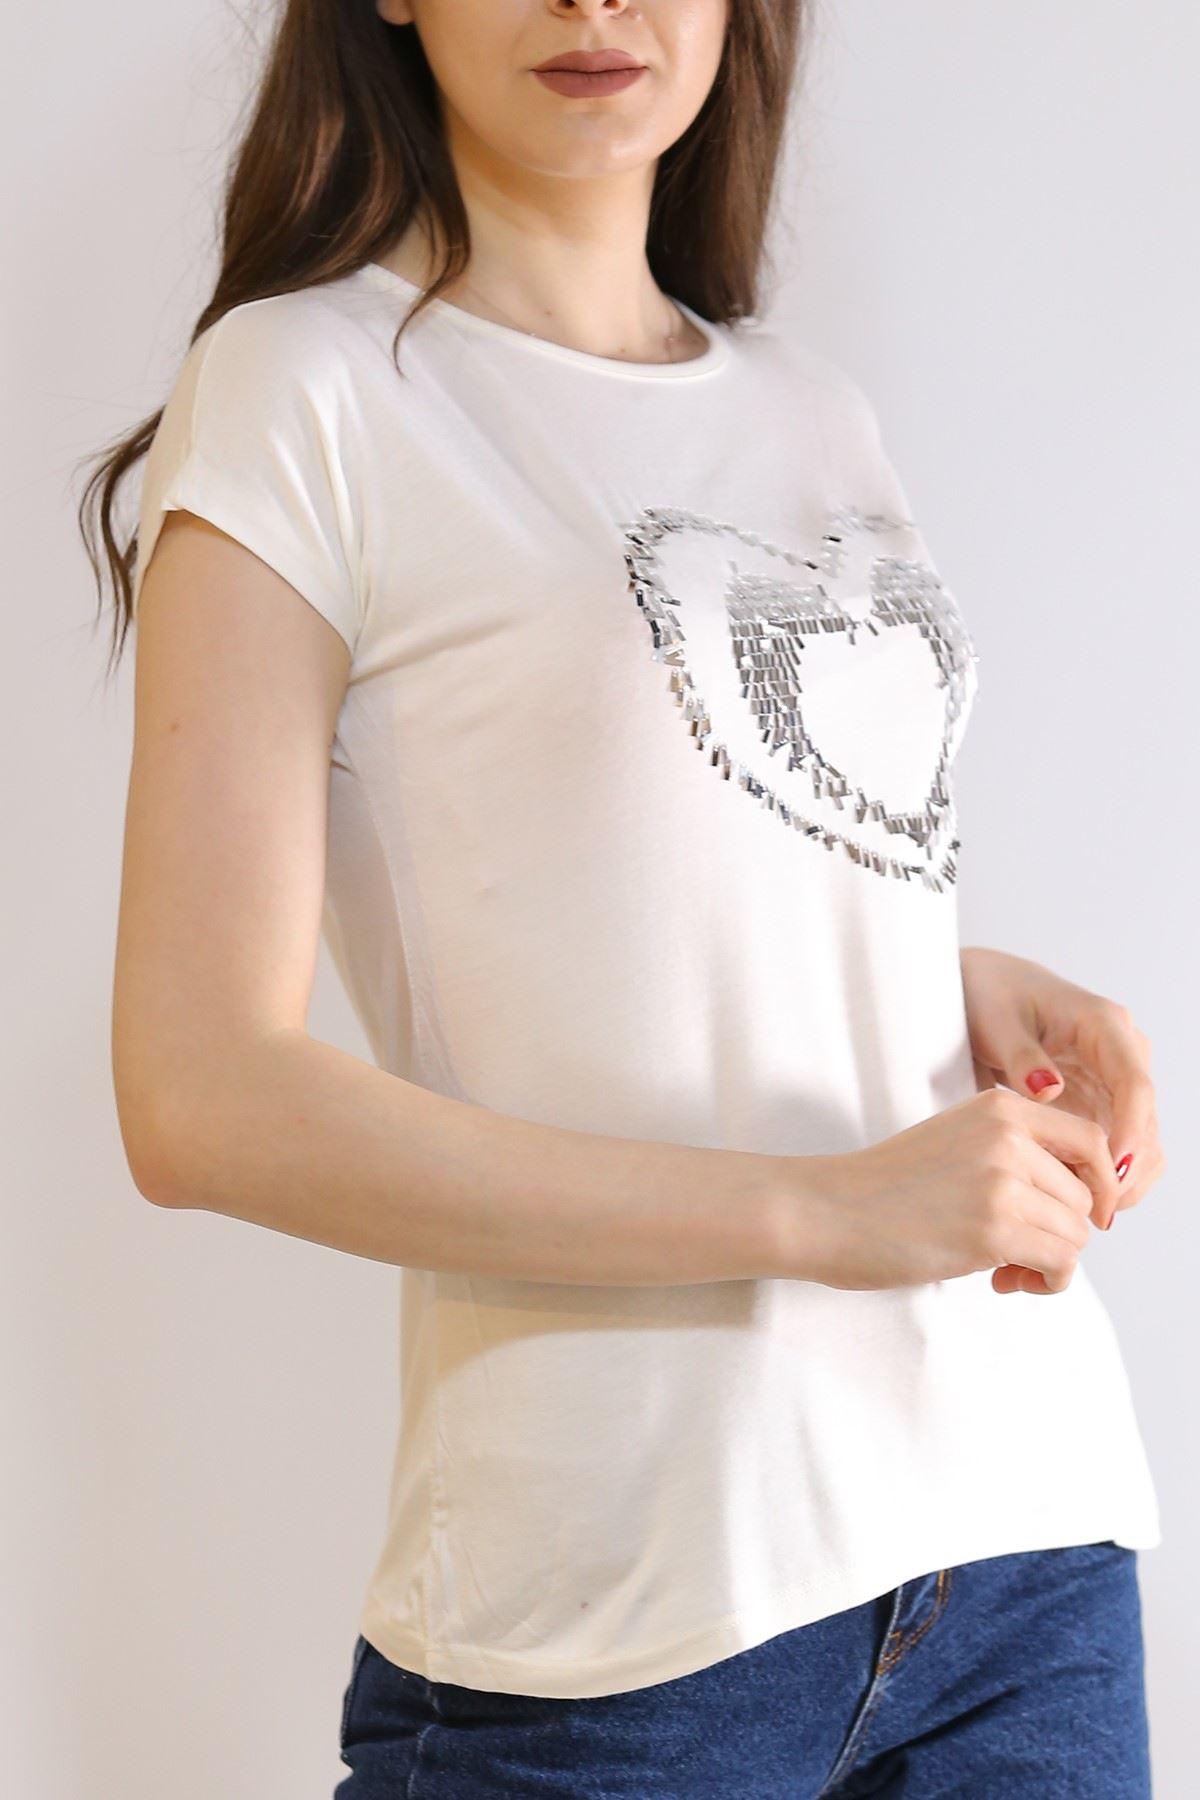 Pul Kalpli Tişört Beyaz - 5026.139.